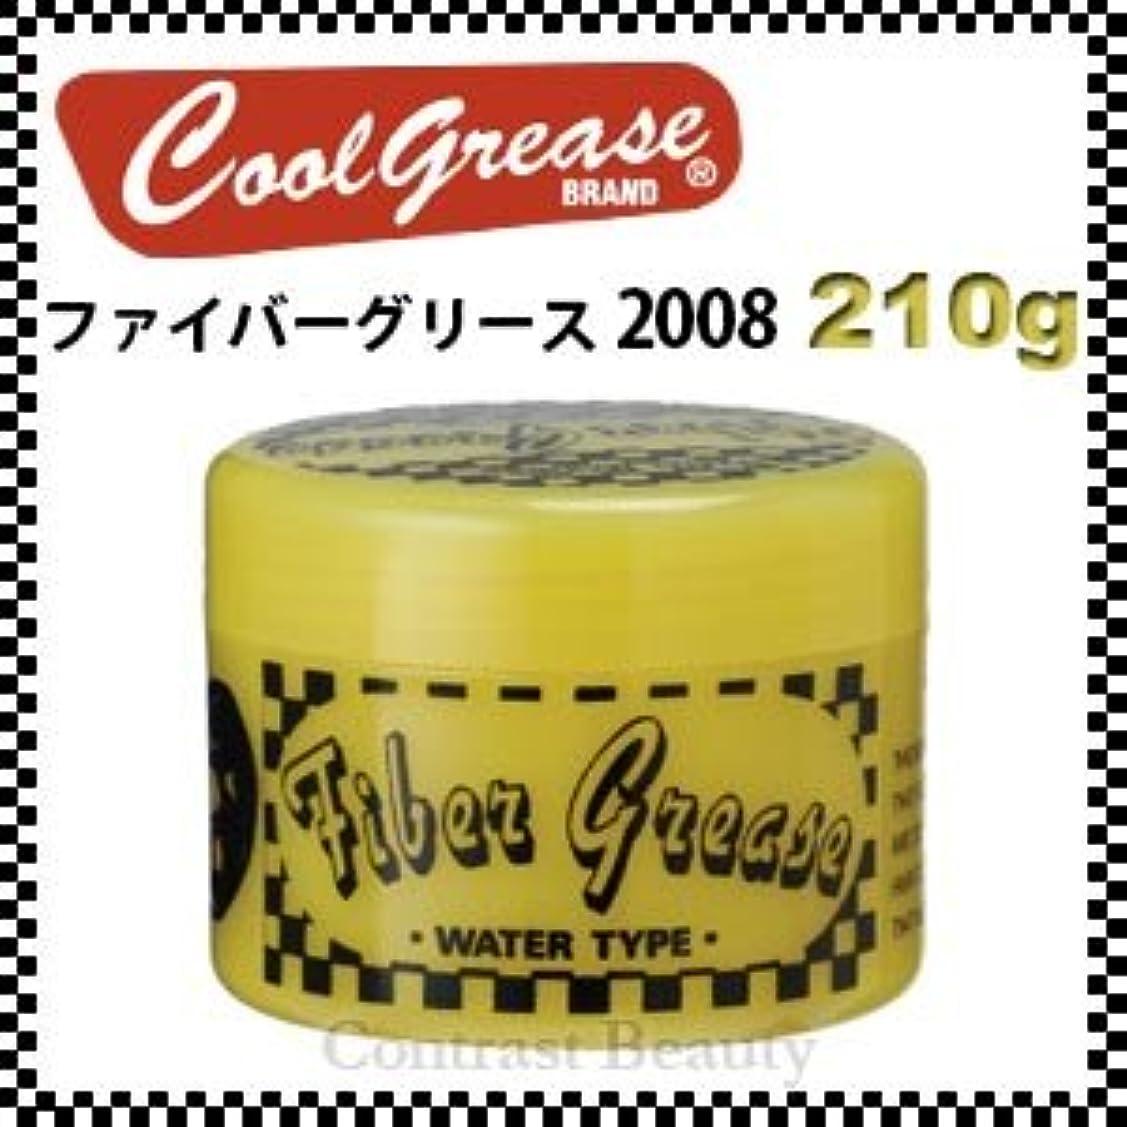 メタルラインバース札入れ【X5個セット】 阪本高生堂 ファイバーグリース 2008 210g